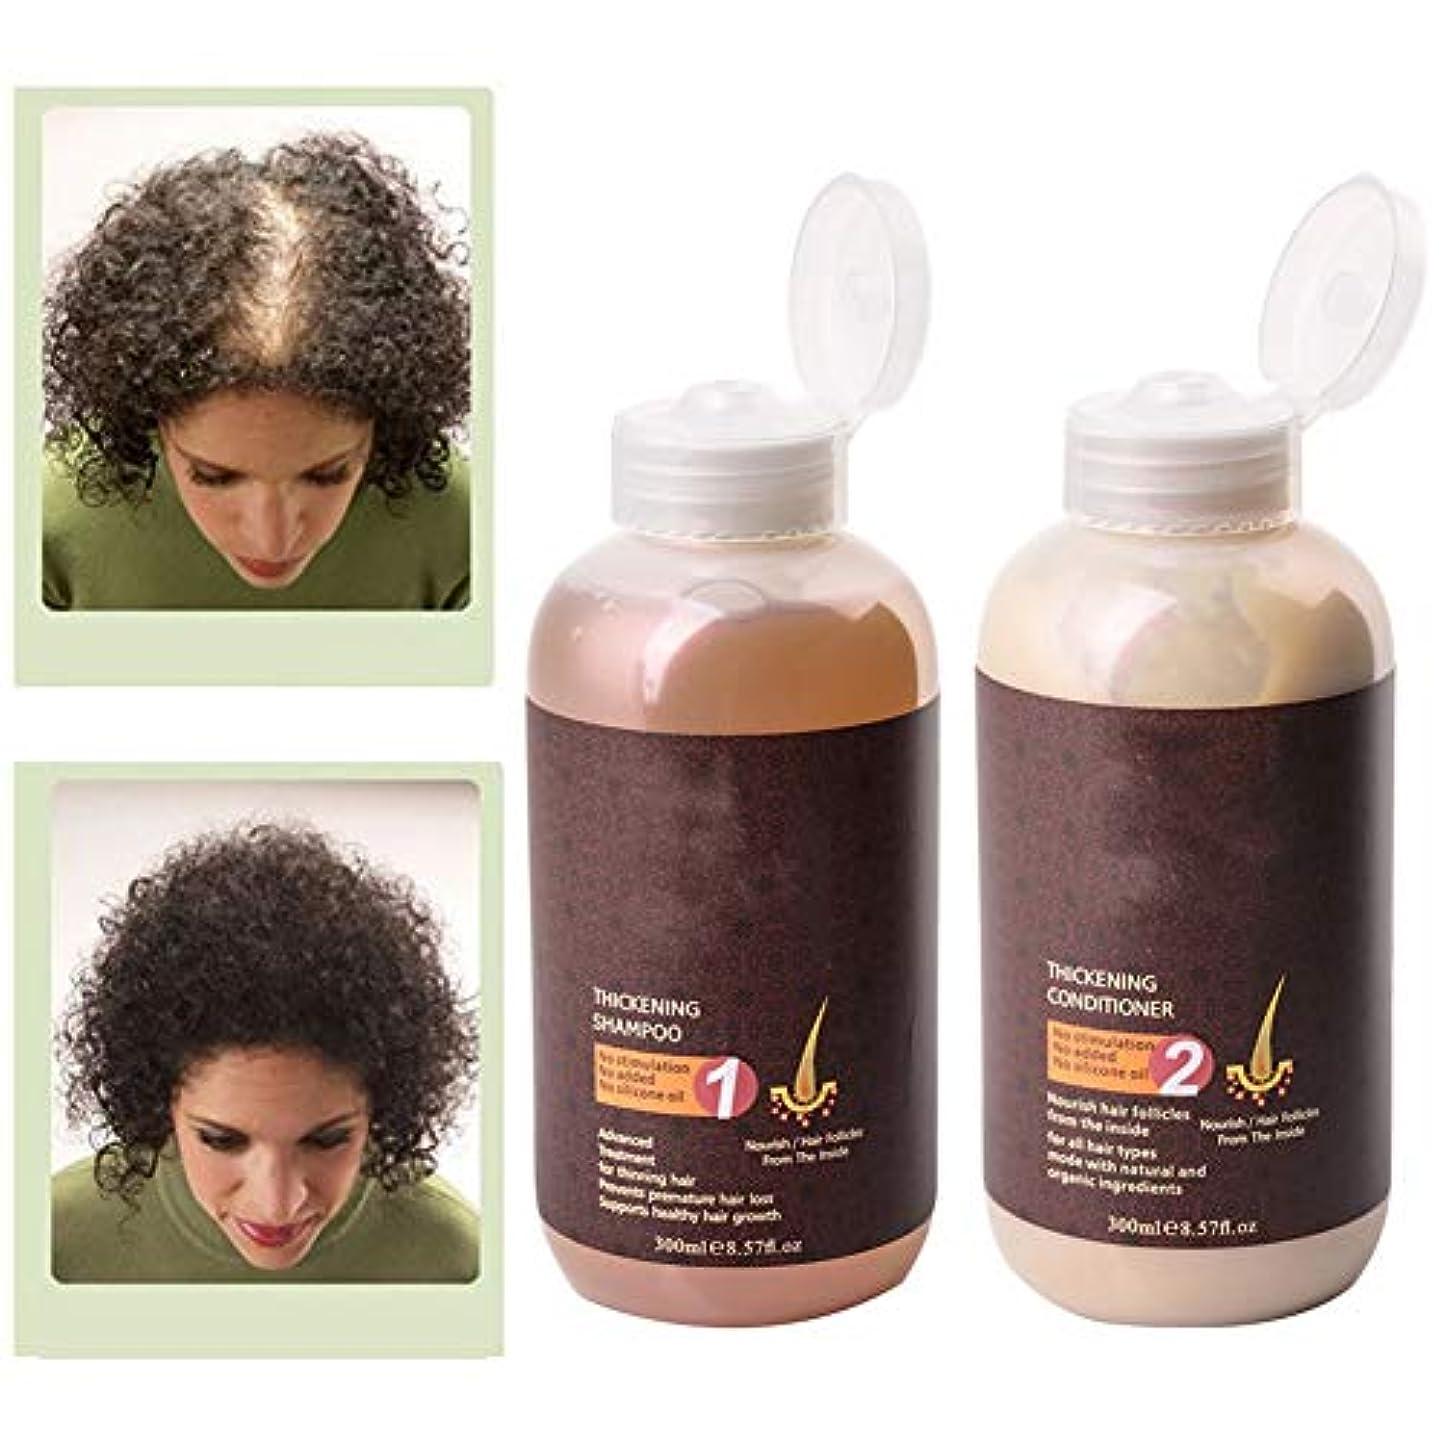 スクラブ反動水平シャンプーコンディショナーセット生姜成長髪300ミリリットル+ 300ミリリットル明確にするシャンプー栄養深い修復増加光沢、水分補給、輝き、かゆみ頭皮ヘアケアキットを減らす